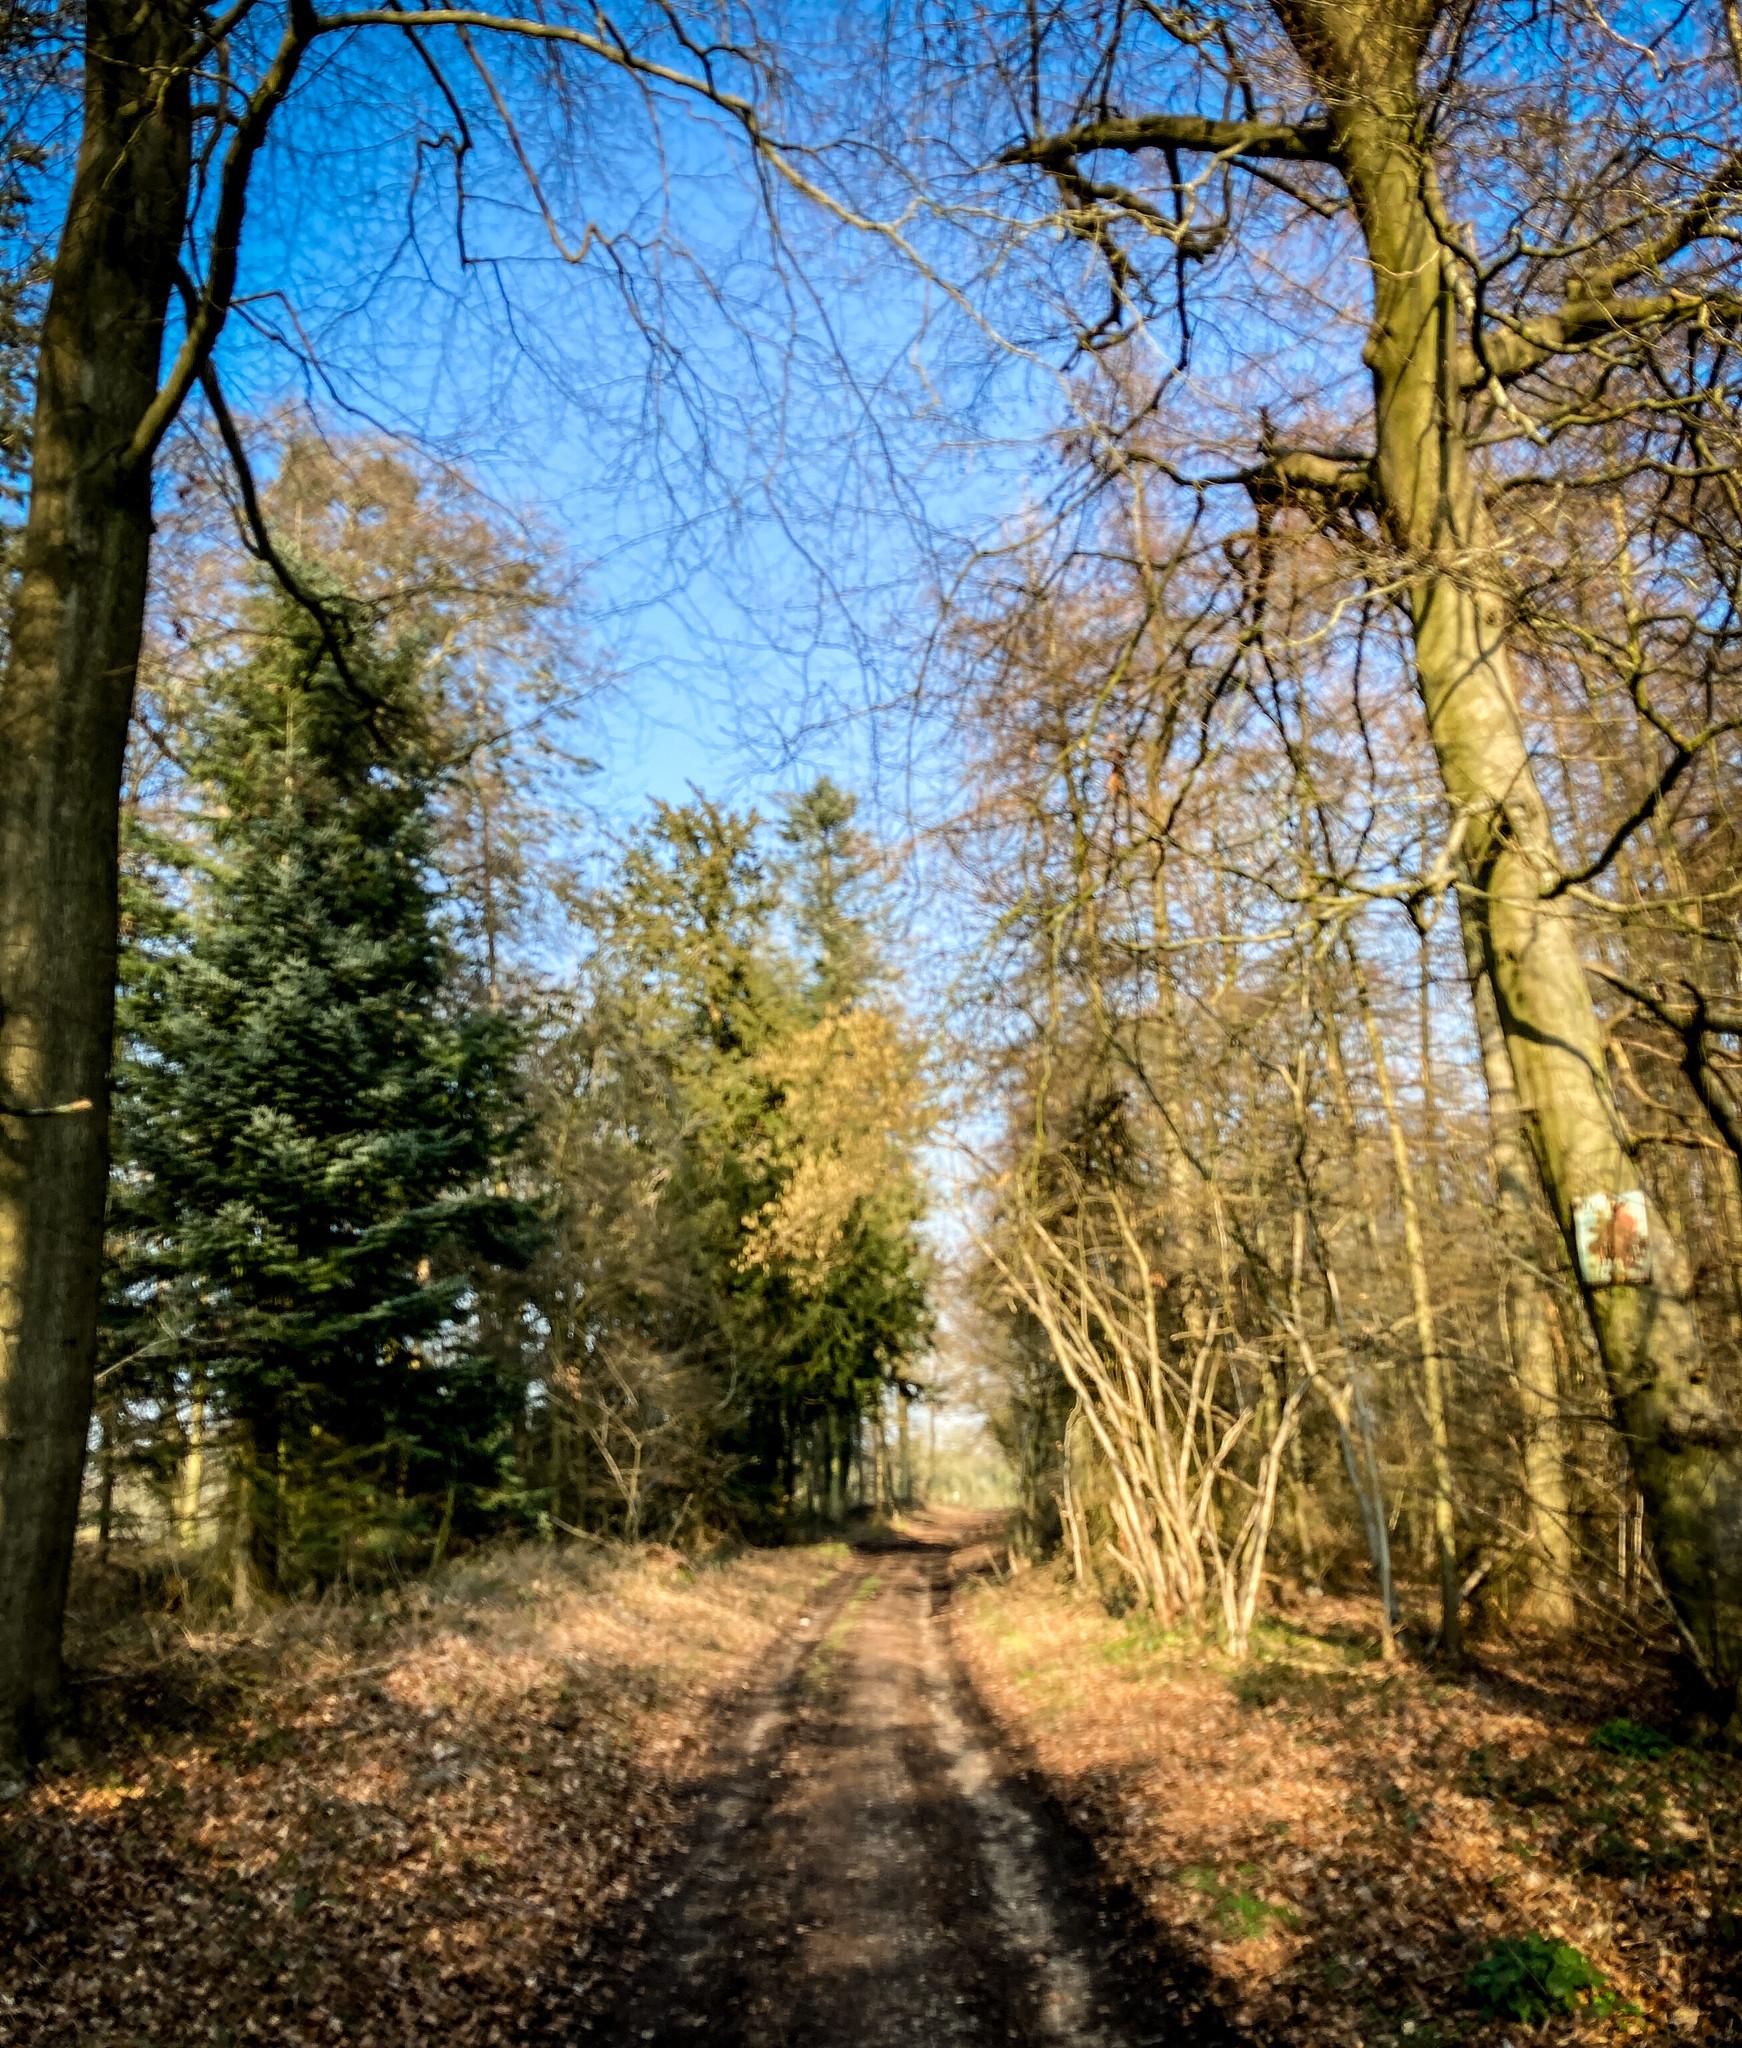 Ipsden woods